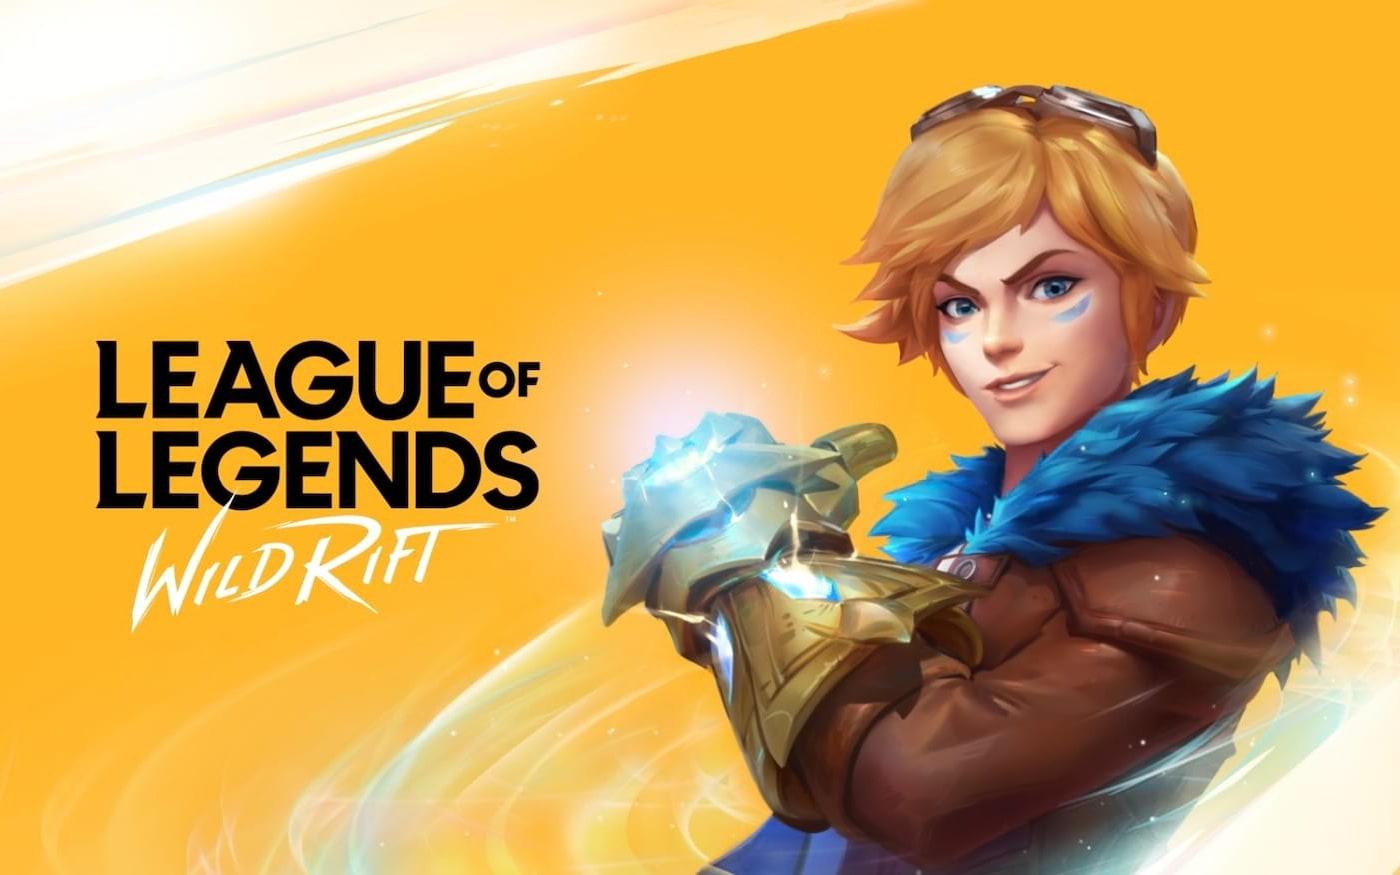 [League of Legends: Wild Rift] Riot games anuncia versão de LoL para smartphones e consoles